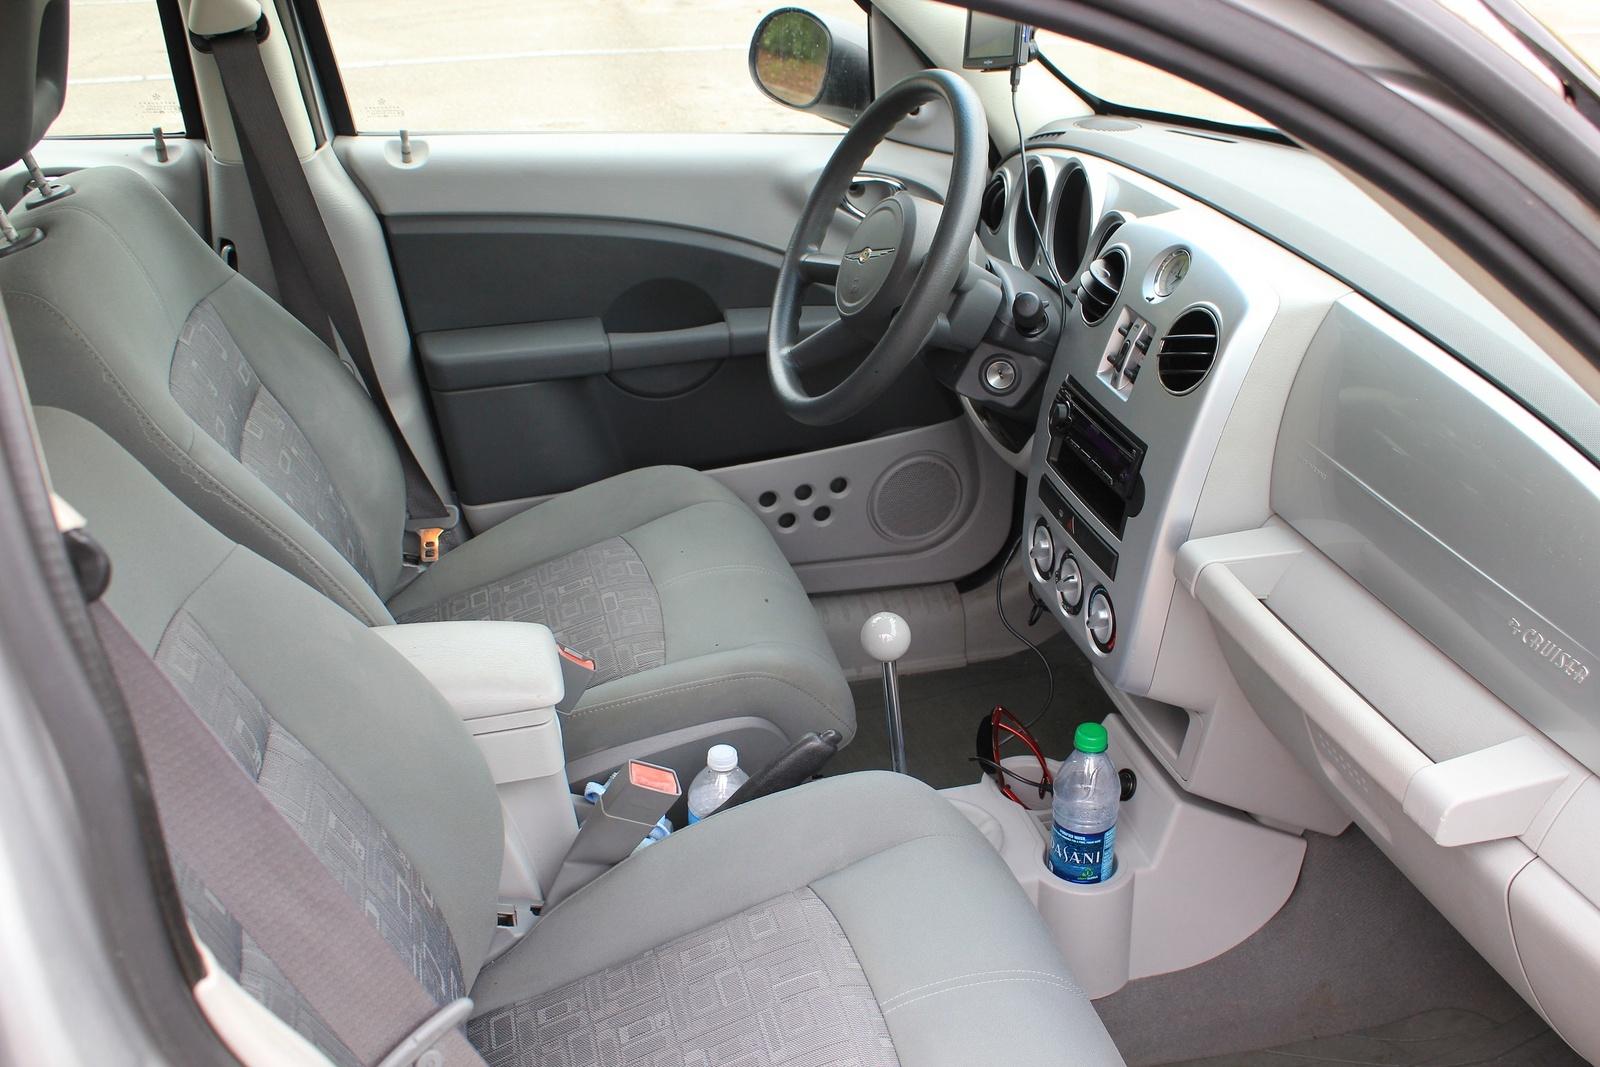 Chrysler Pt Cruiser Dr Base Pic on 2004 Chrysler Sebring Touring Edition